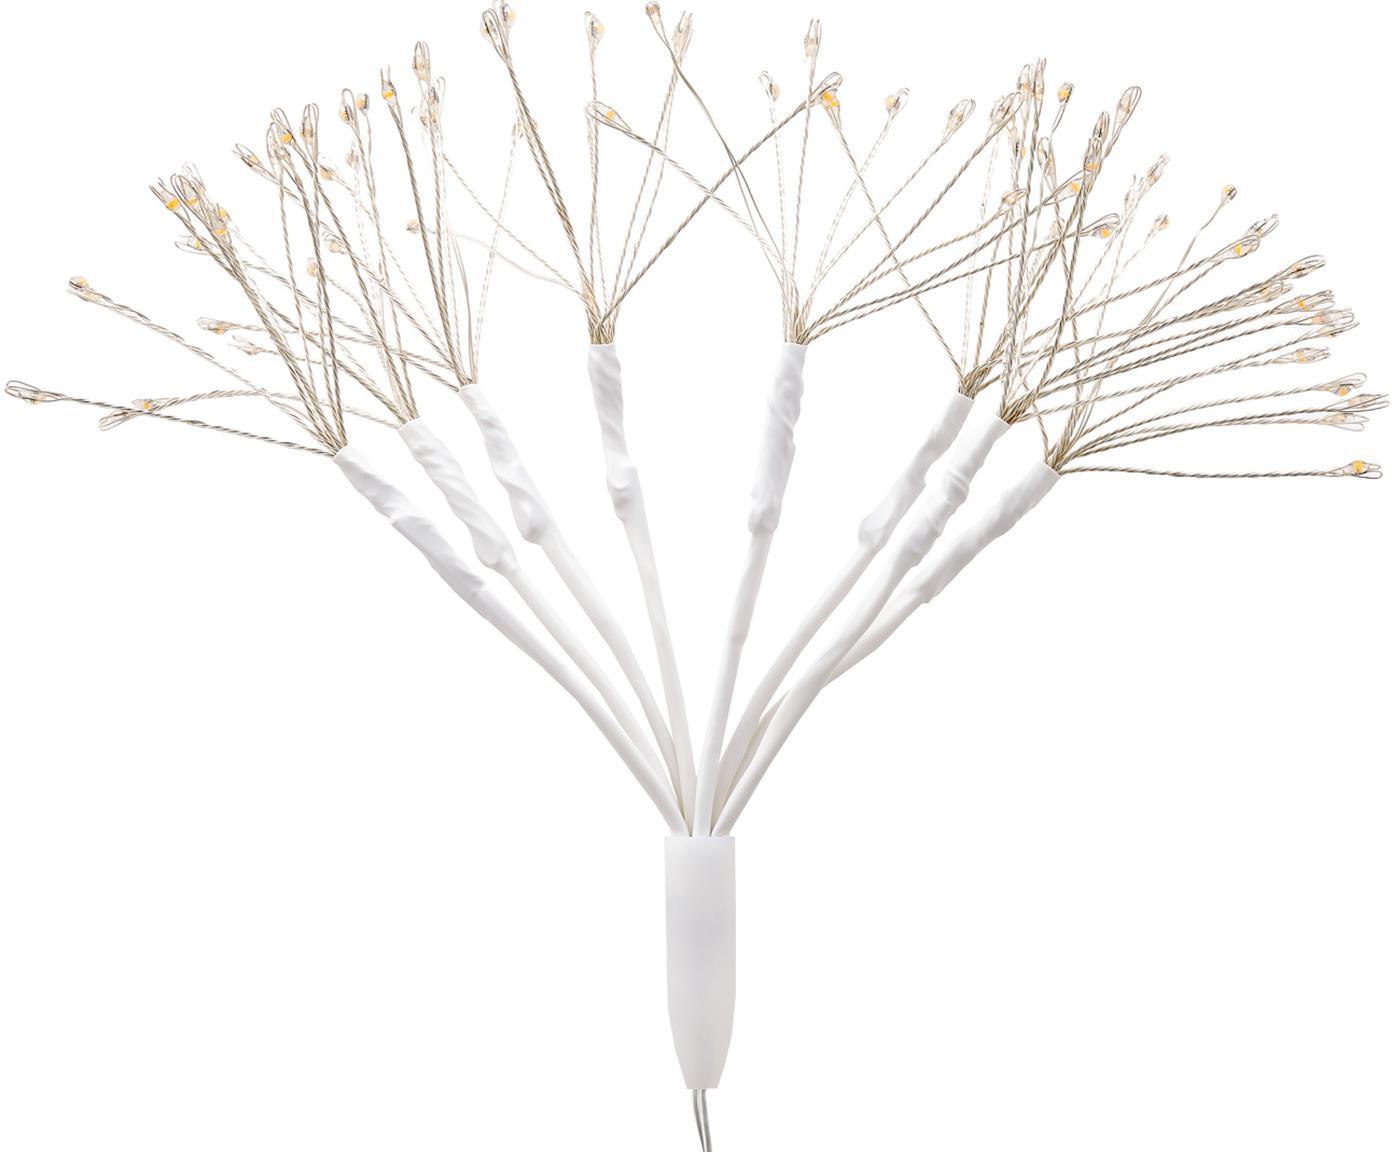 Dekoracja świetlna LED Dendelion, Metal, tworzywo sztuczne, Biały, odcienie srebrnego, Ø 20 x W 30 cm